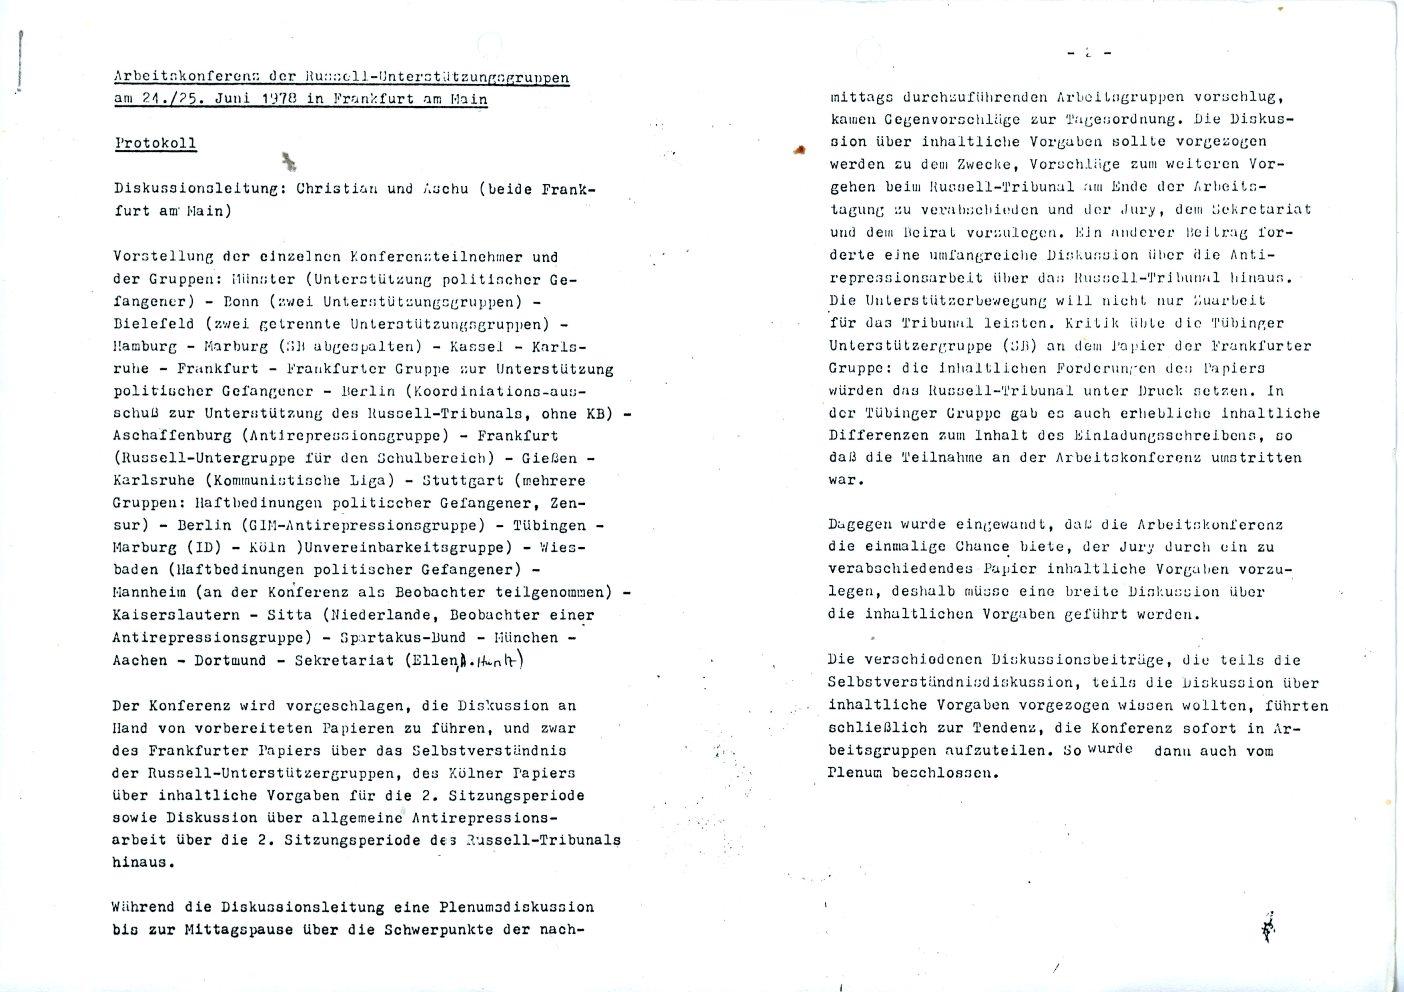 Frankfurt_Konferenz_der_Russell_Unterstuetzungsgruppen_19780624_07